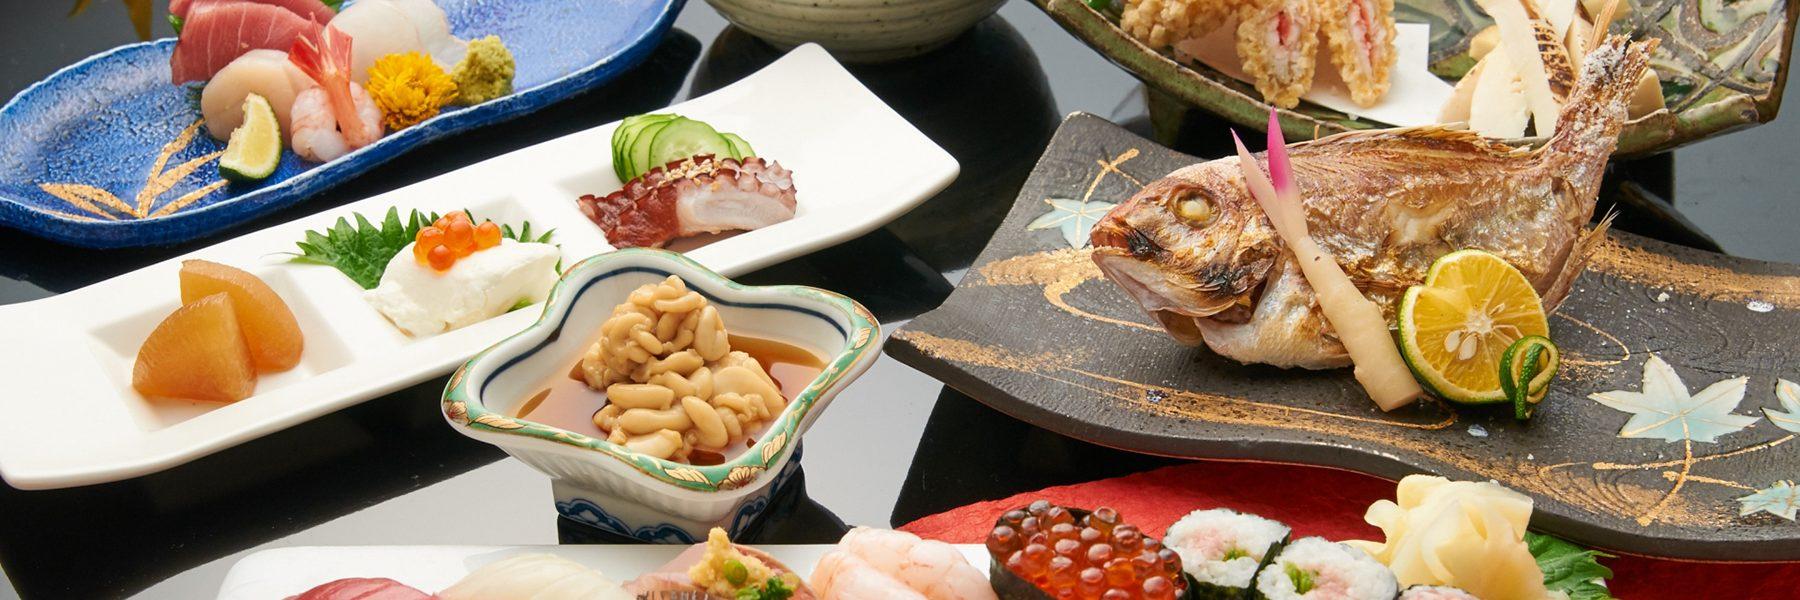 和食のイメージ写真